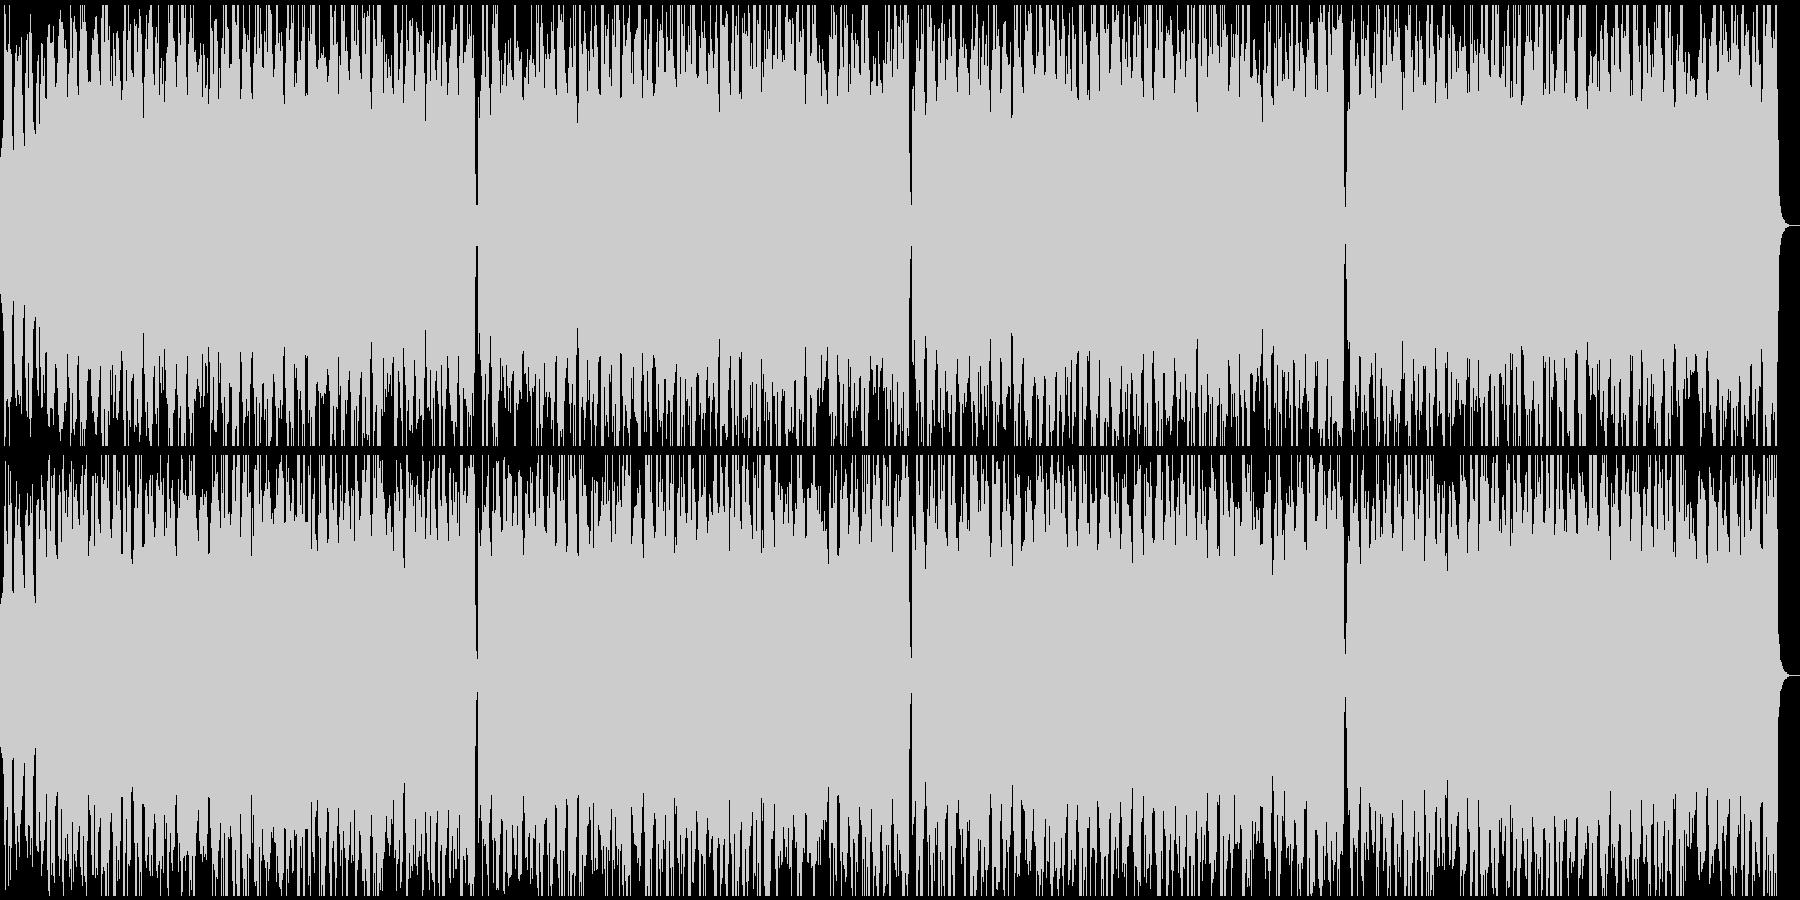 手回しオルガン風BGMの未再生の波形